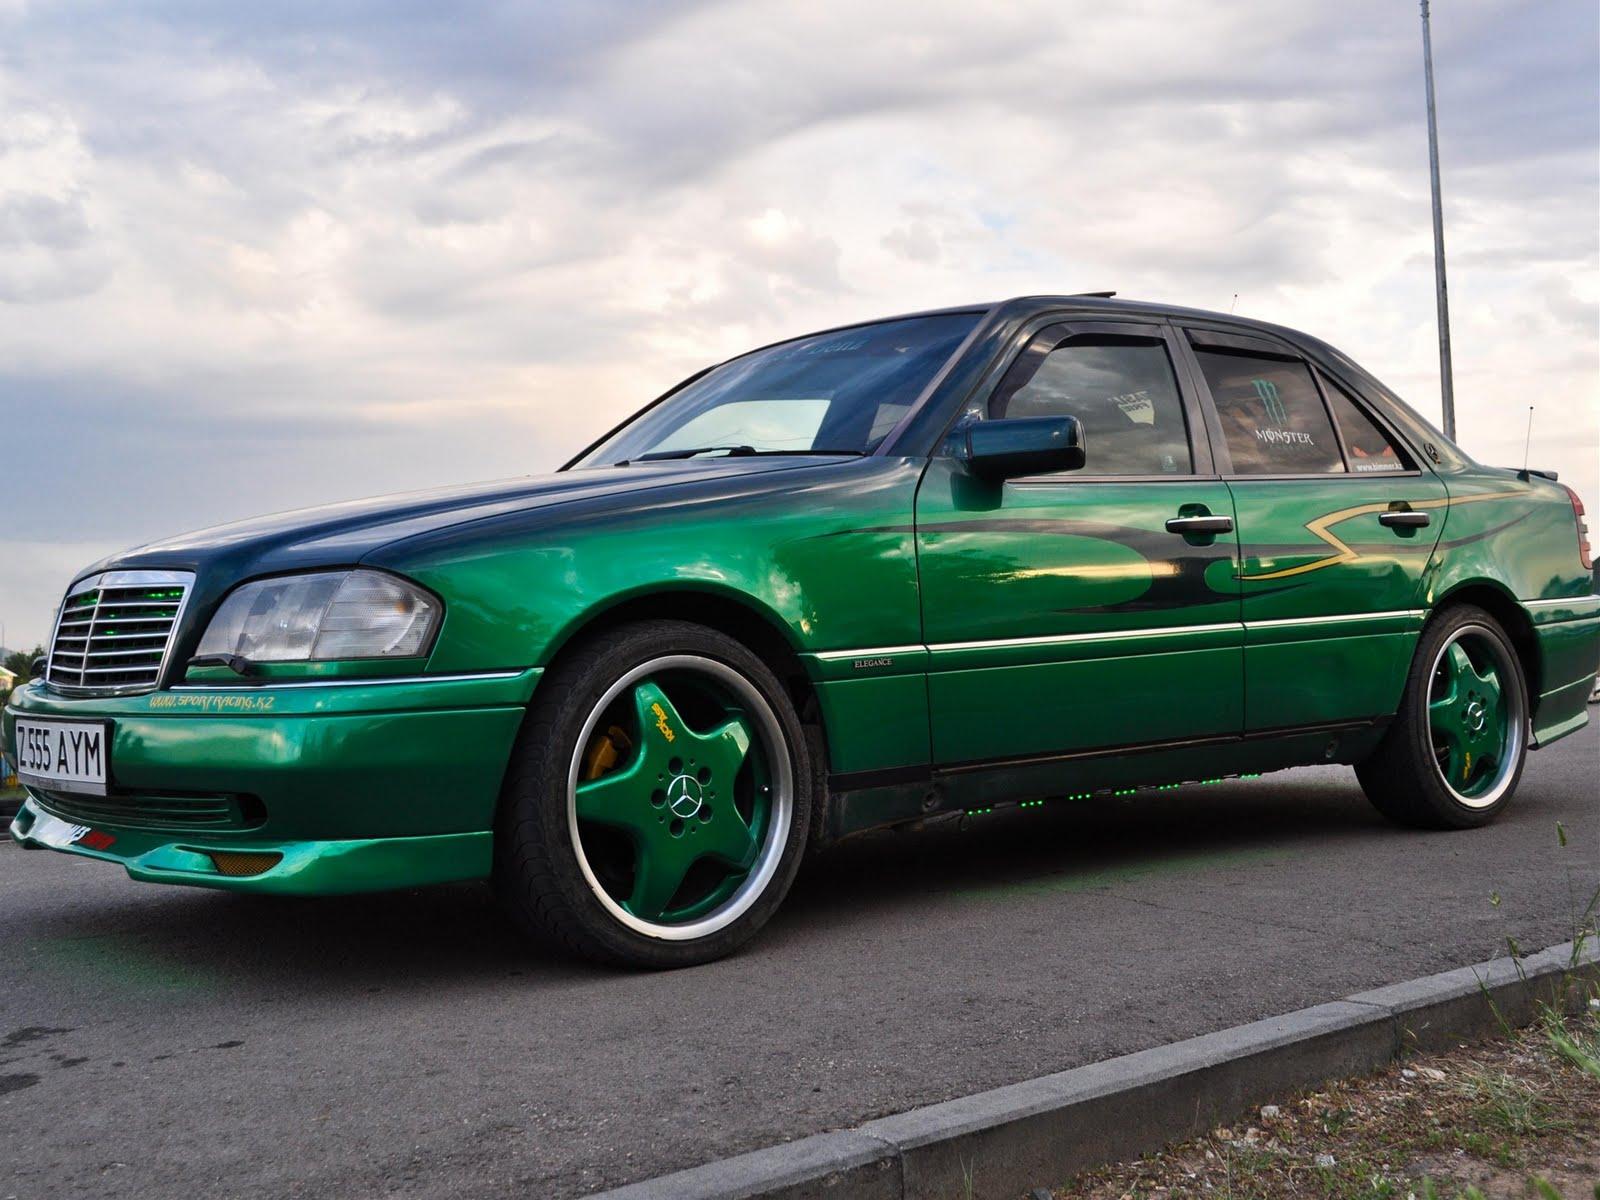 Mercedes benz w202 green kick ass benztuning for Mercedes benz green